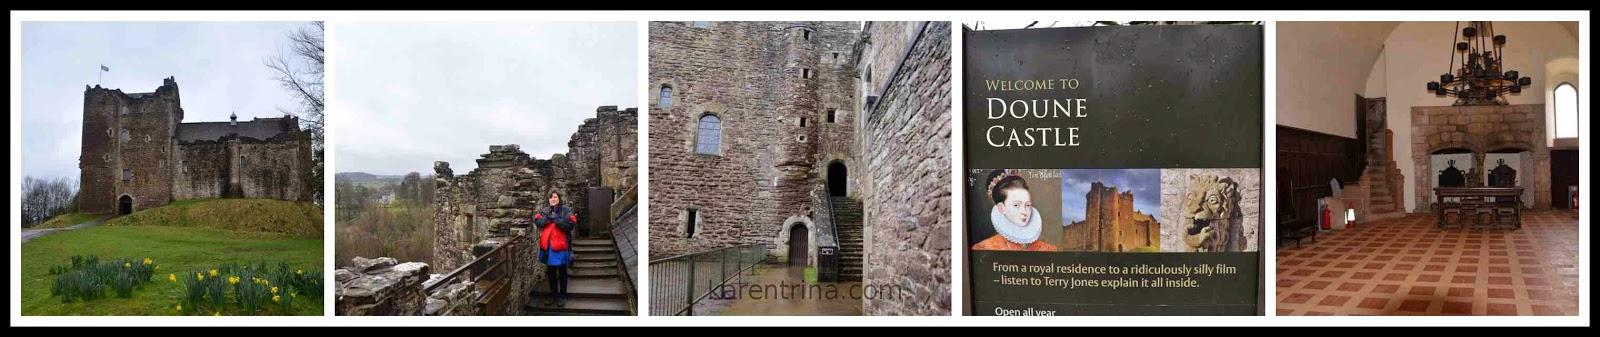 Dounne Castle